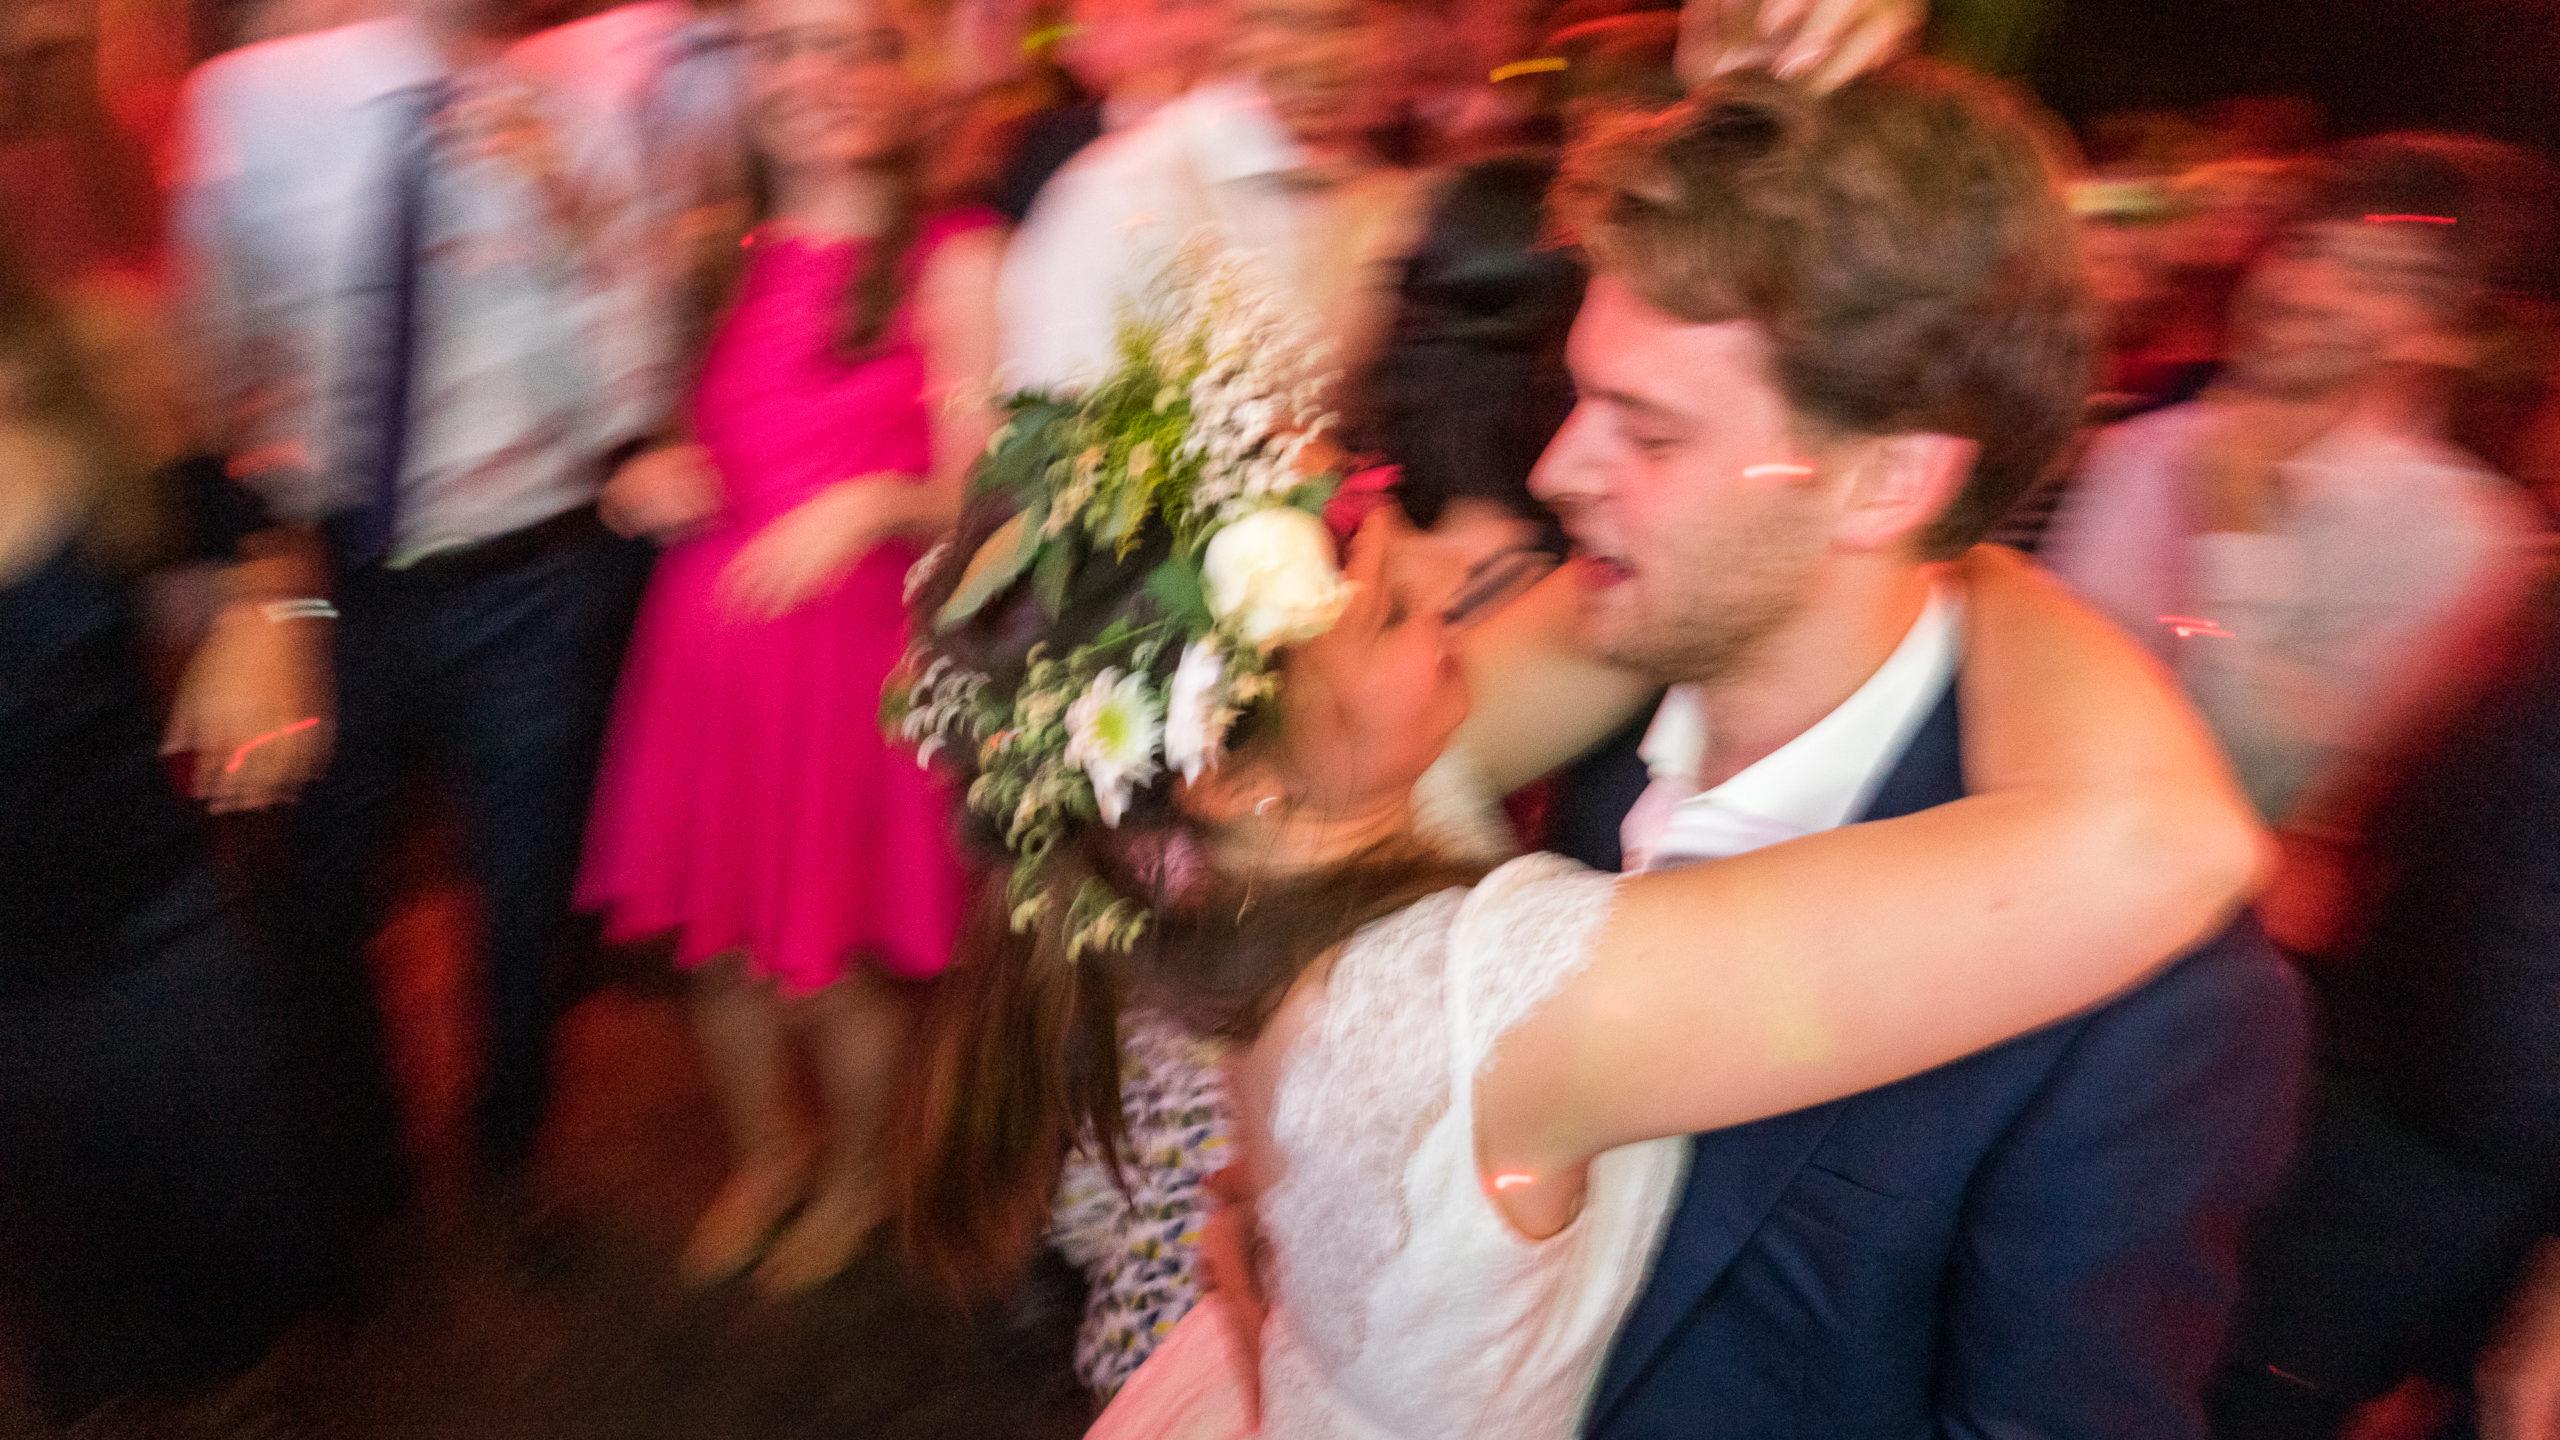 Photographie de mariage à Montpellier. Les deux mariés enlacés dans une dance au milieu de leurs invités, à la nuit tombée. Photographe studio sud